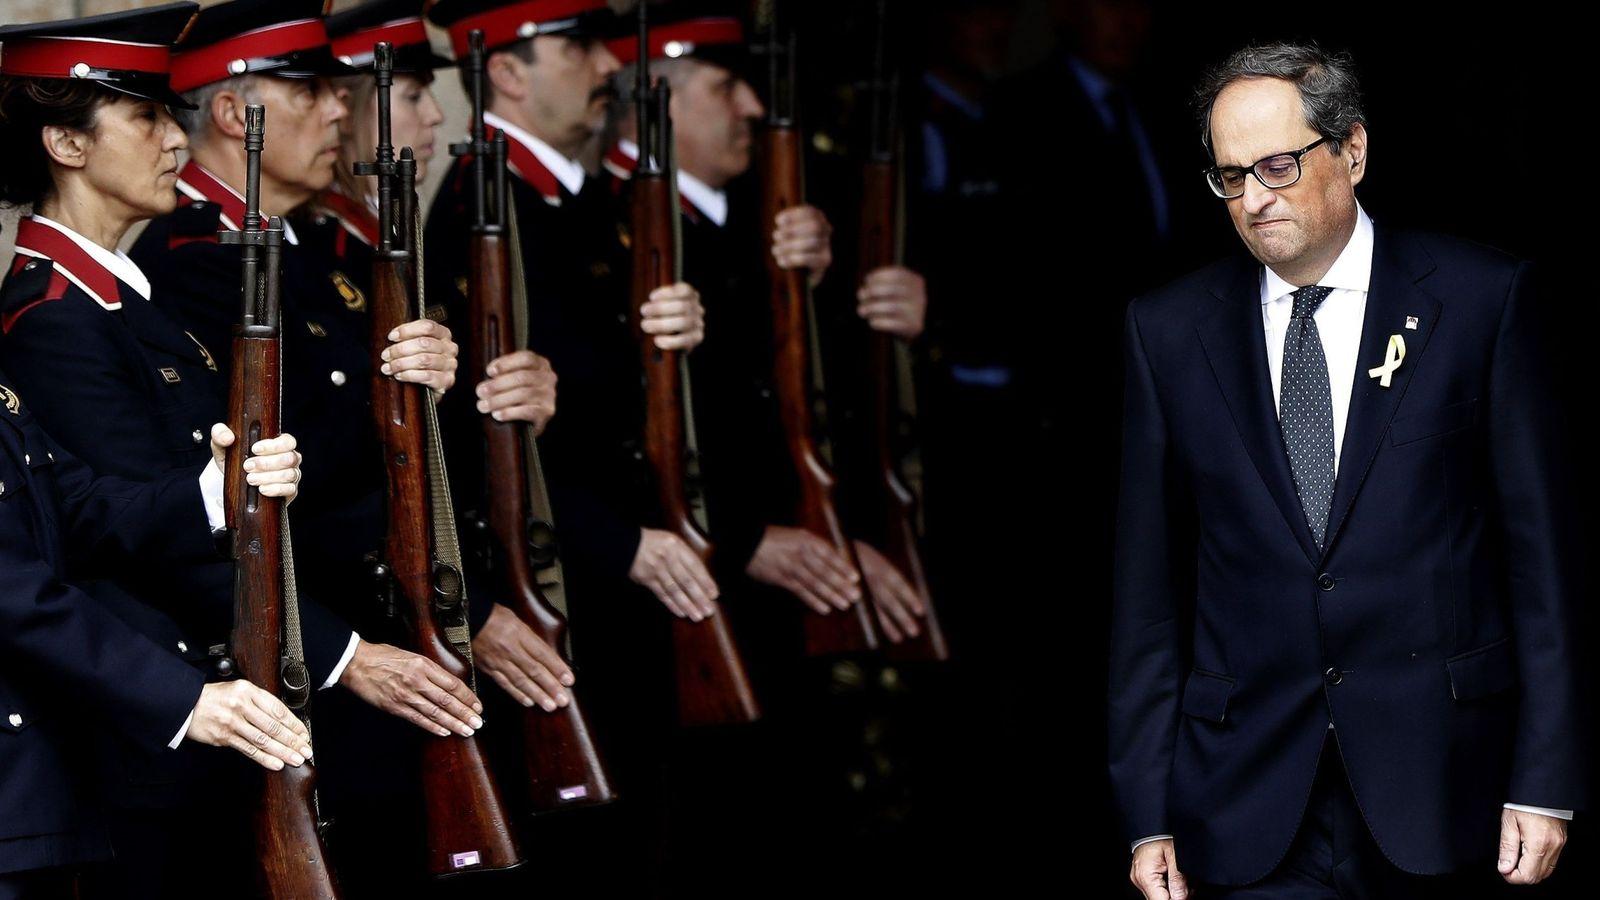 Foto: El nuevo presidente de la Generalitat, Quim Torra, sale del edificio del Parlament ante la formación de gala de los Mossos d'Esquadra. (EFE)